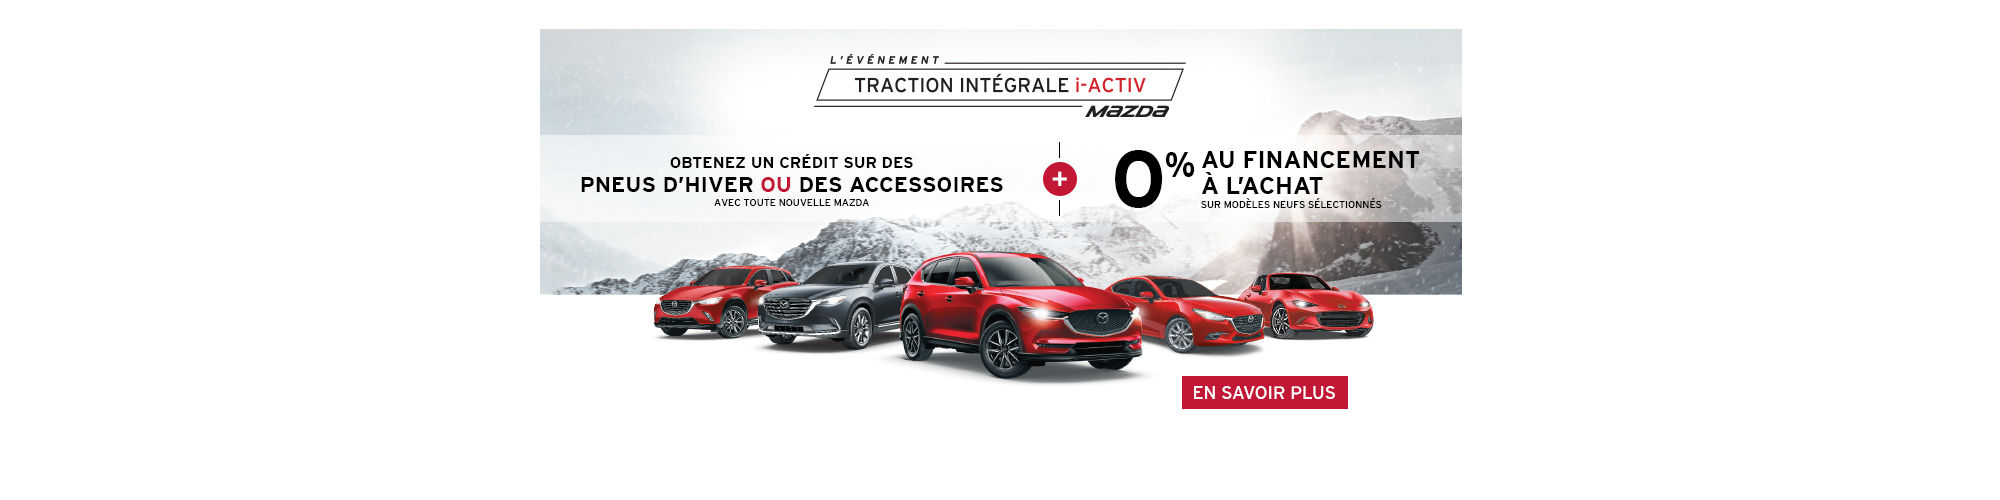 Promotion Mazda - Pneus ou accessoires